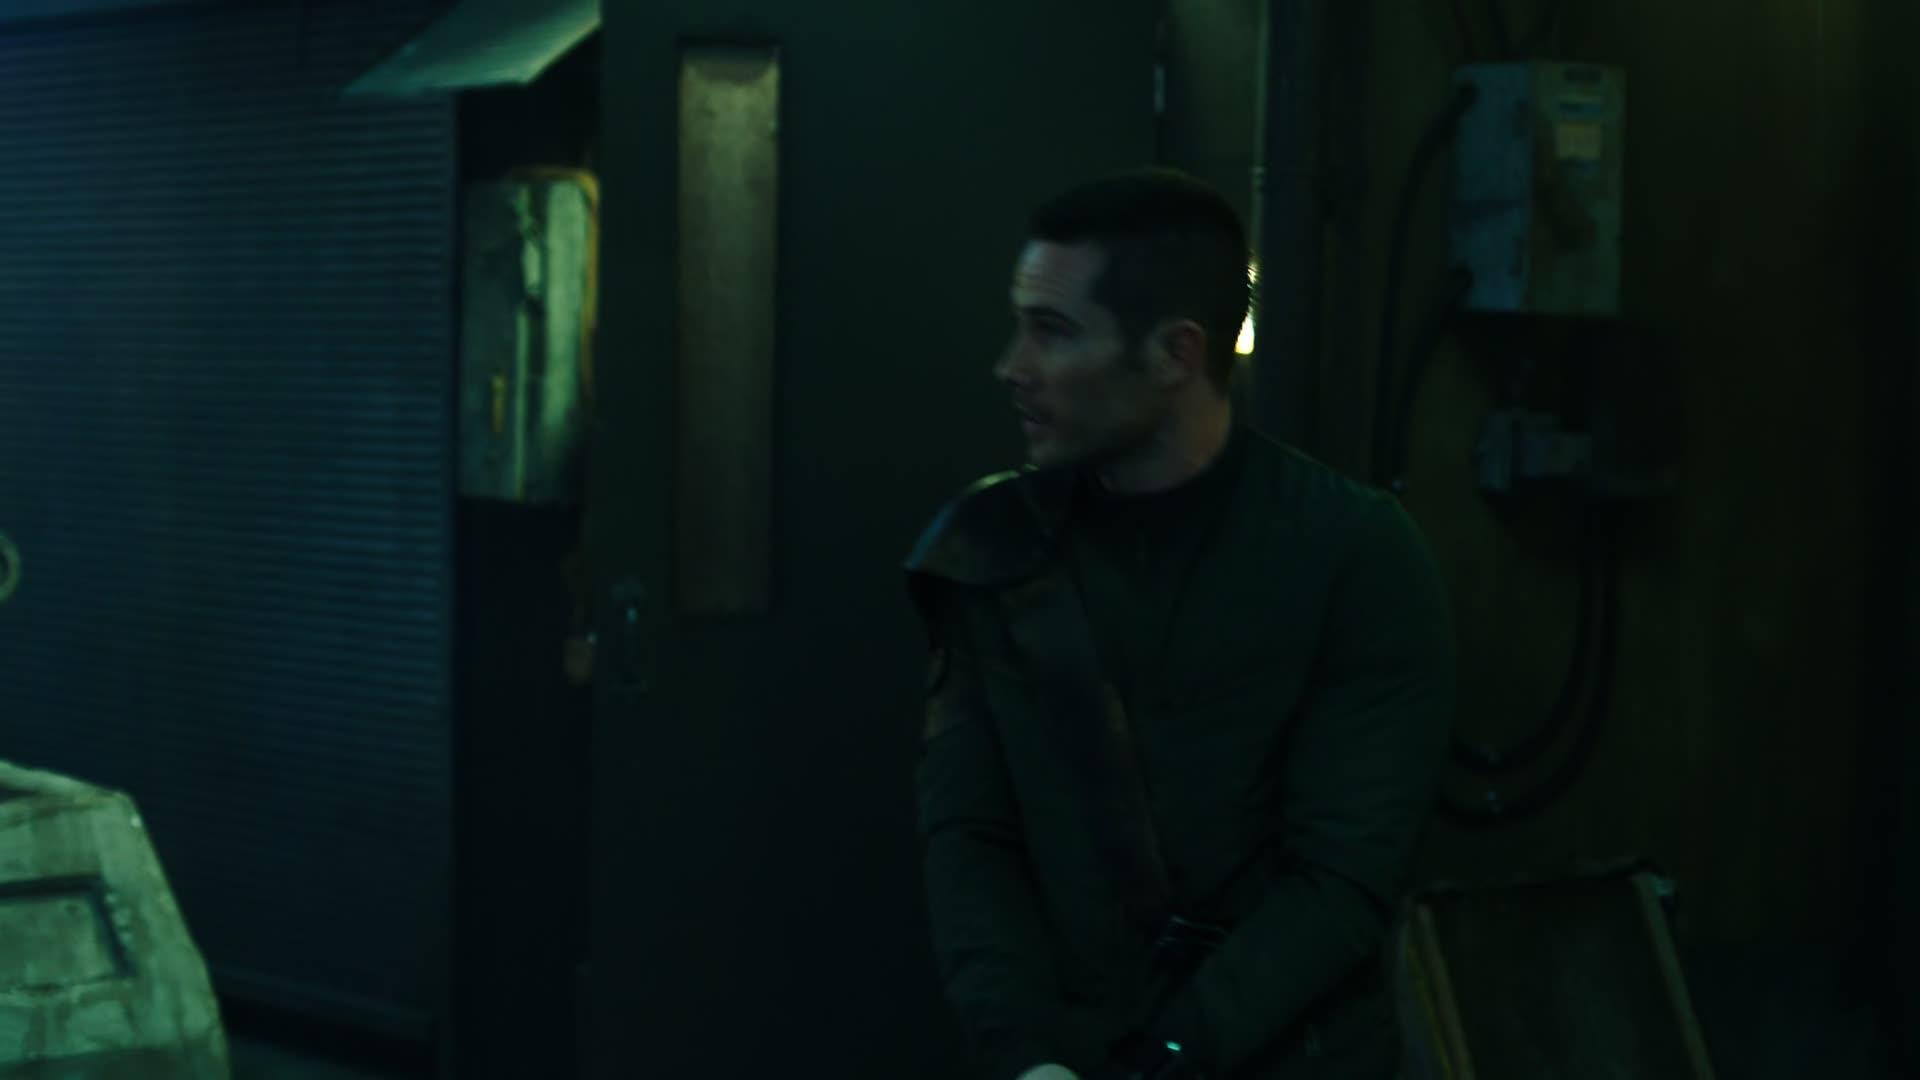 Killjoys Vesmirni lovci S01E04 CZ dabing HD